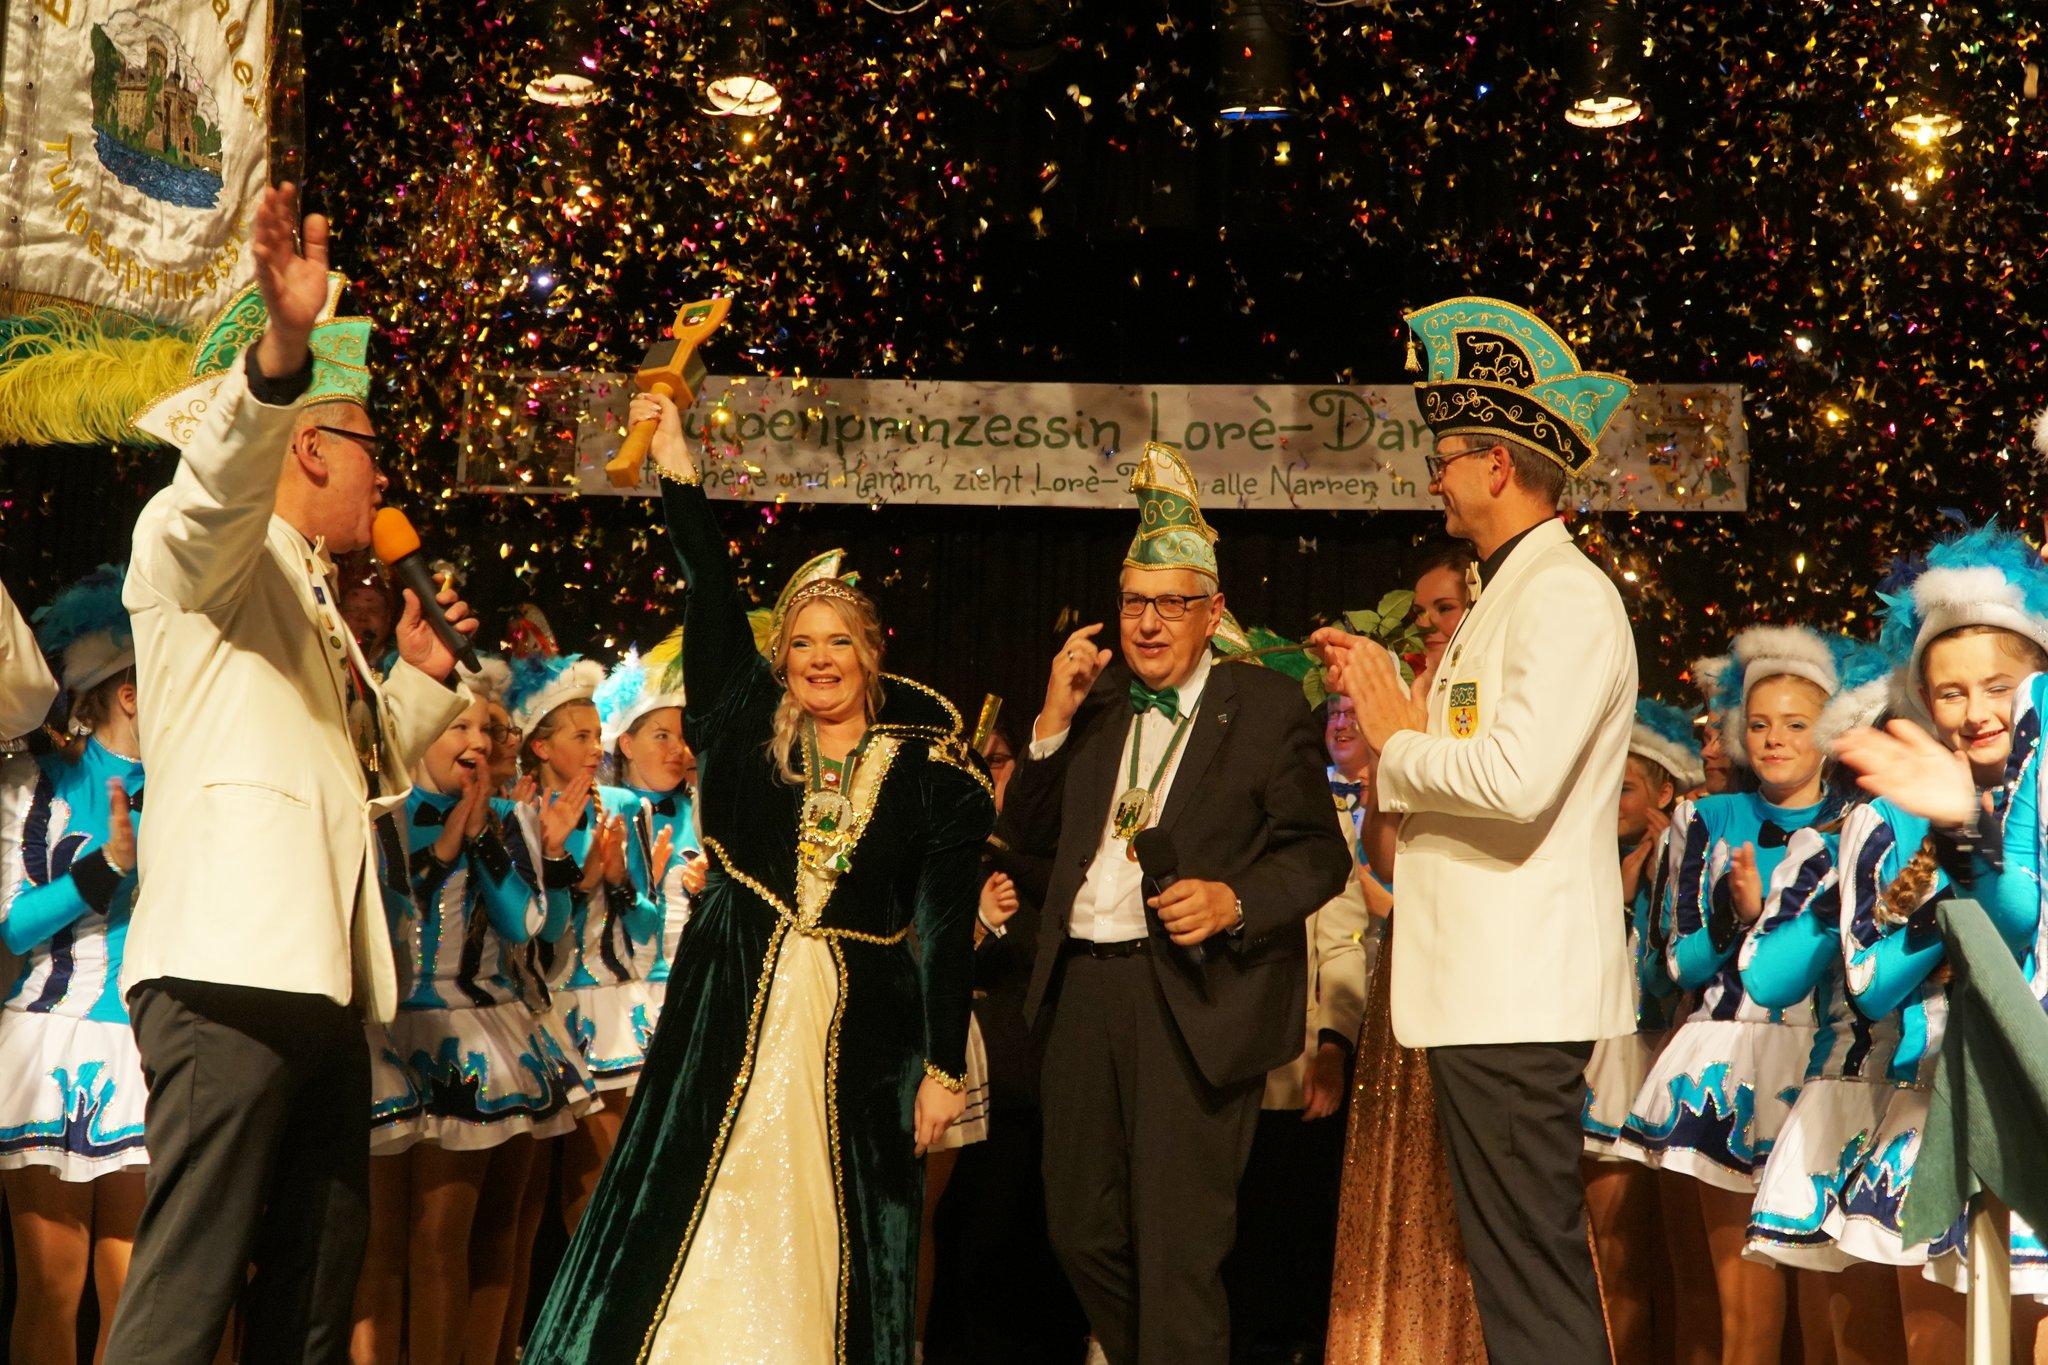 Bedburg-Hau hat eine neue Tulpenprinzessin: Loré-Dana I. regiert das Hauer Narrenvolk - Bedburg-Hau - Lokalkompass.de